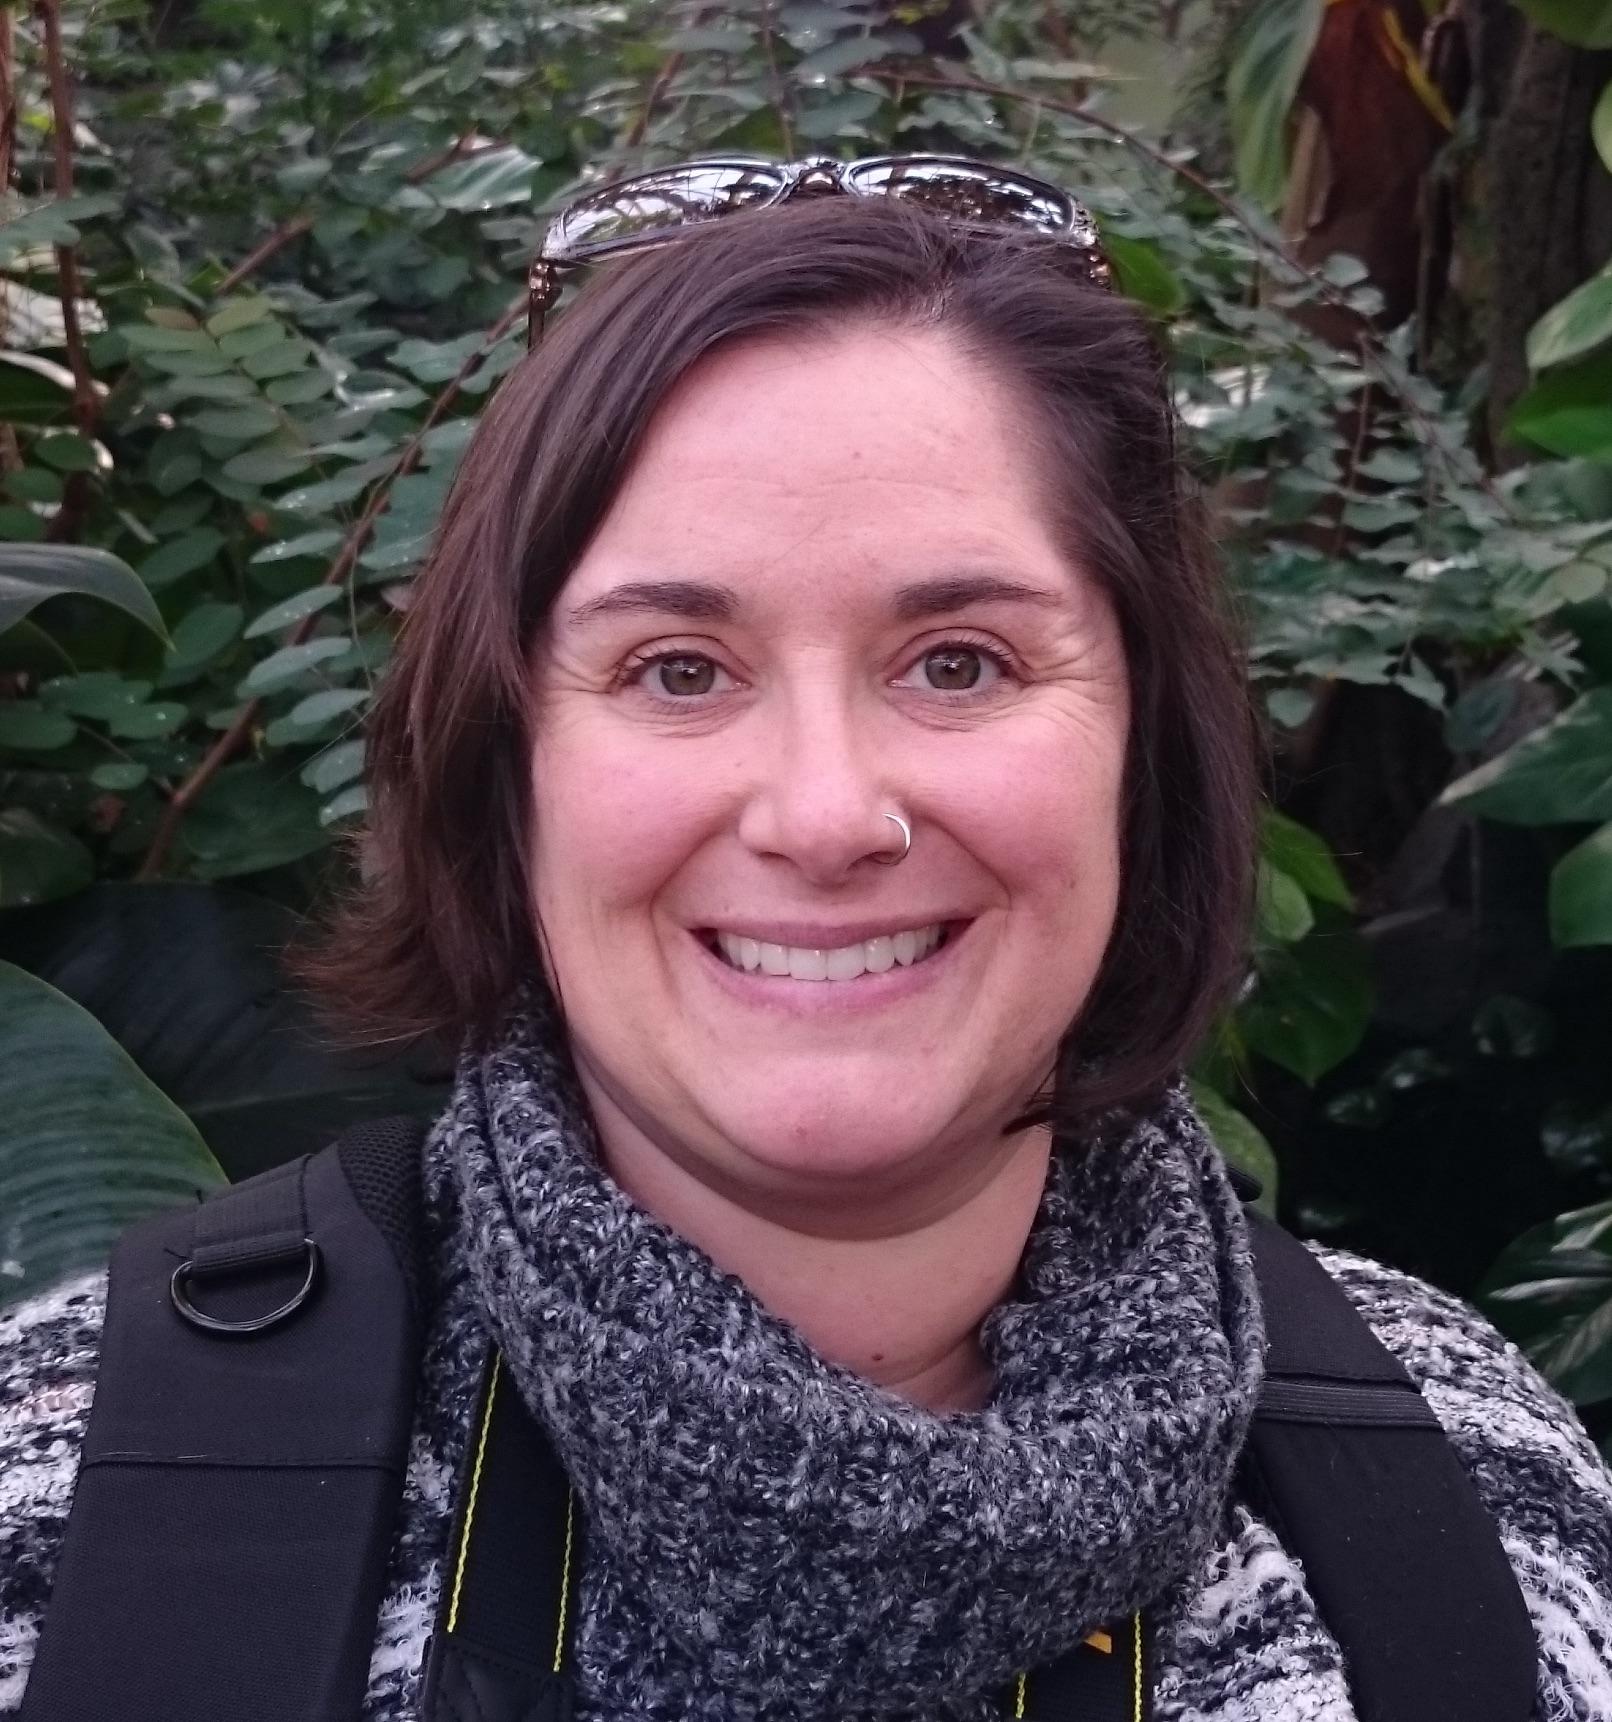 Katye Miller